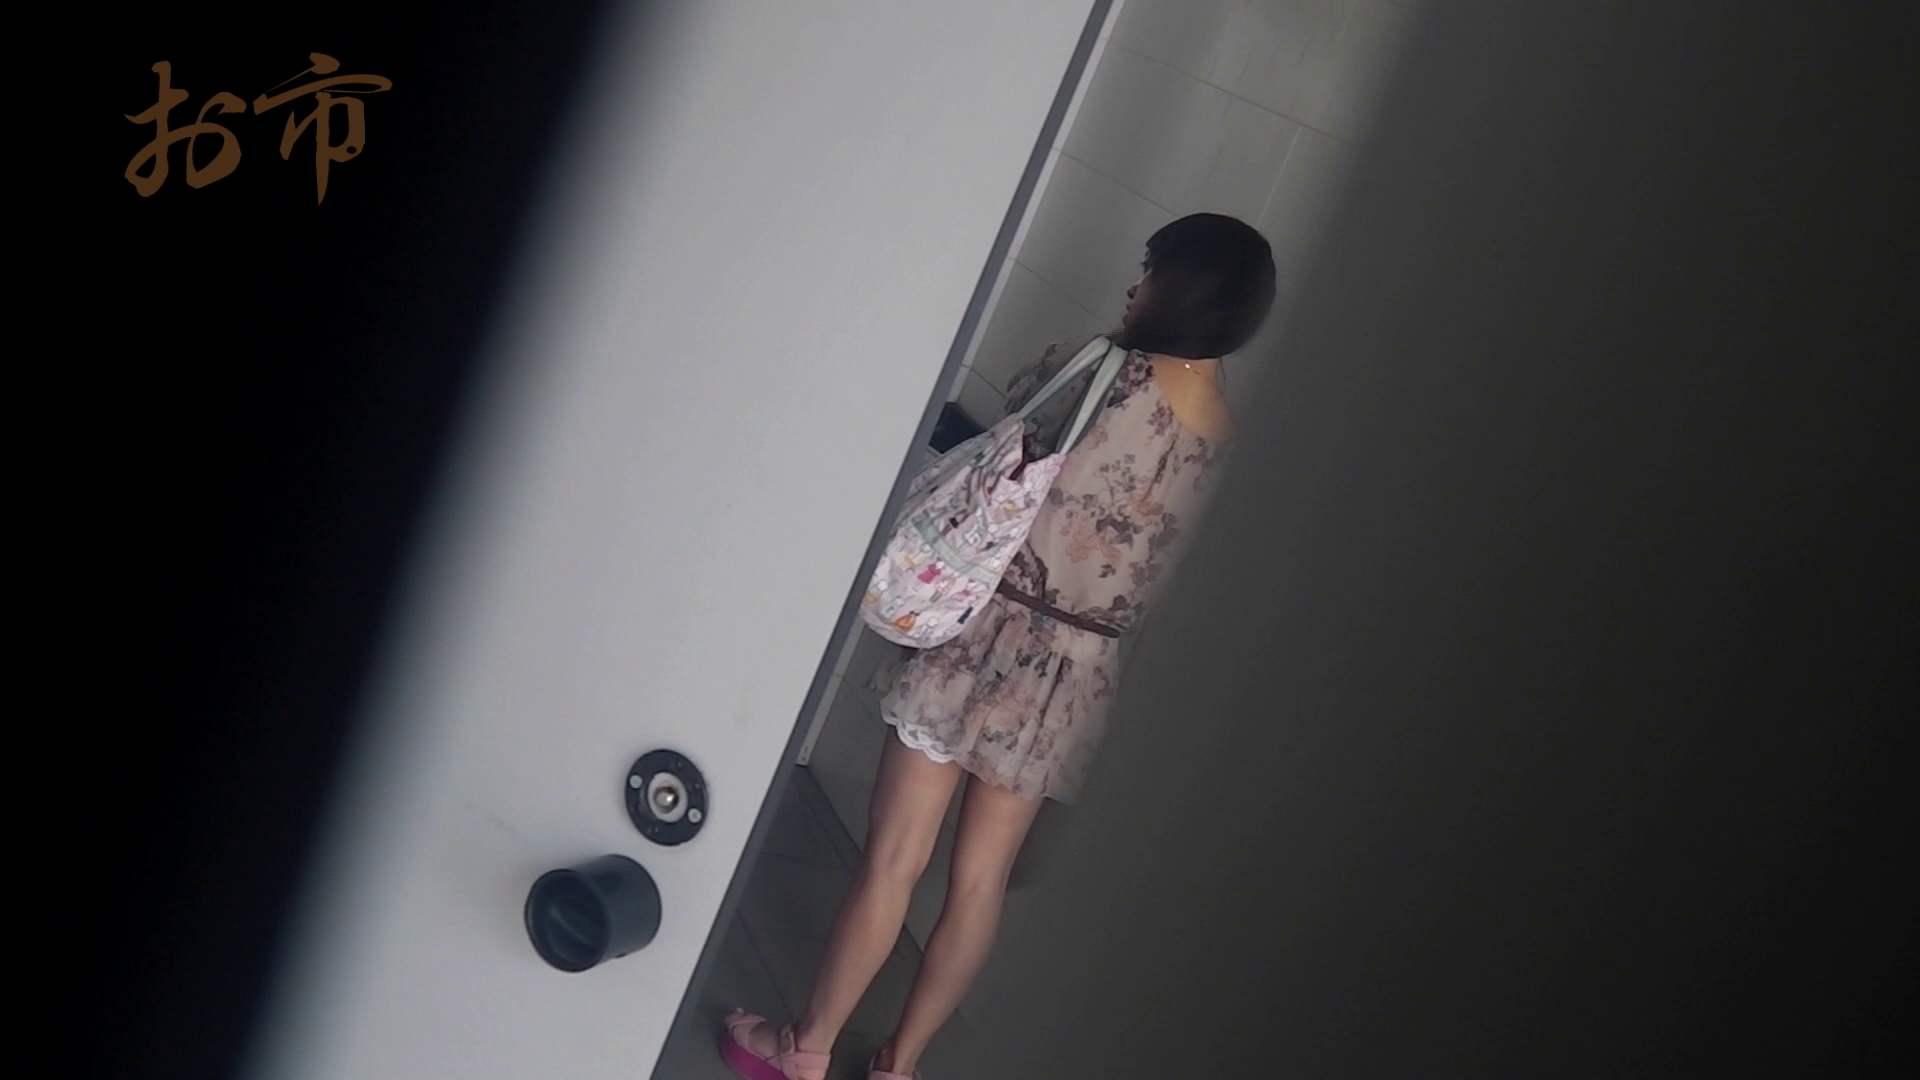 潜入!!台湾名門女学院 Vol.12 長身モデル驚き見たことないシチュエーション 高画質 オメコ動画キャプチャ 84画像 14